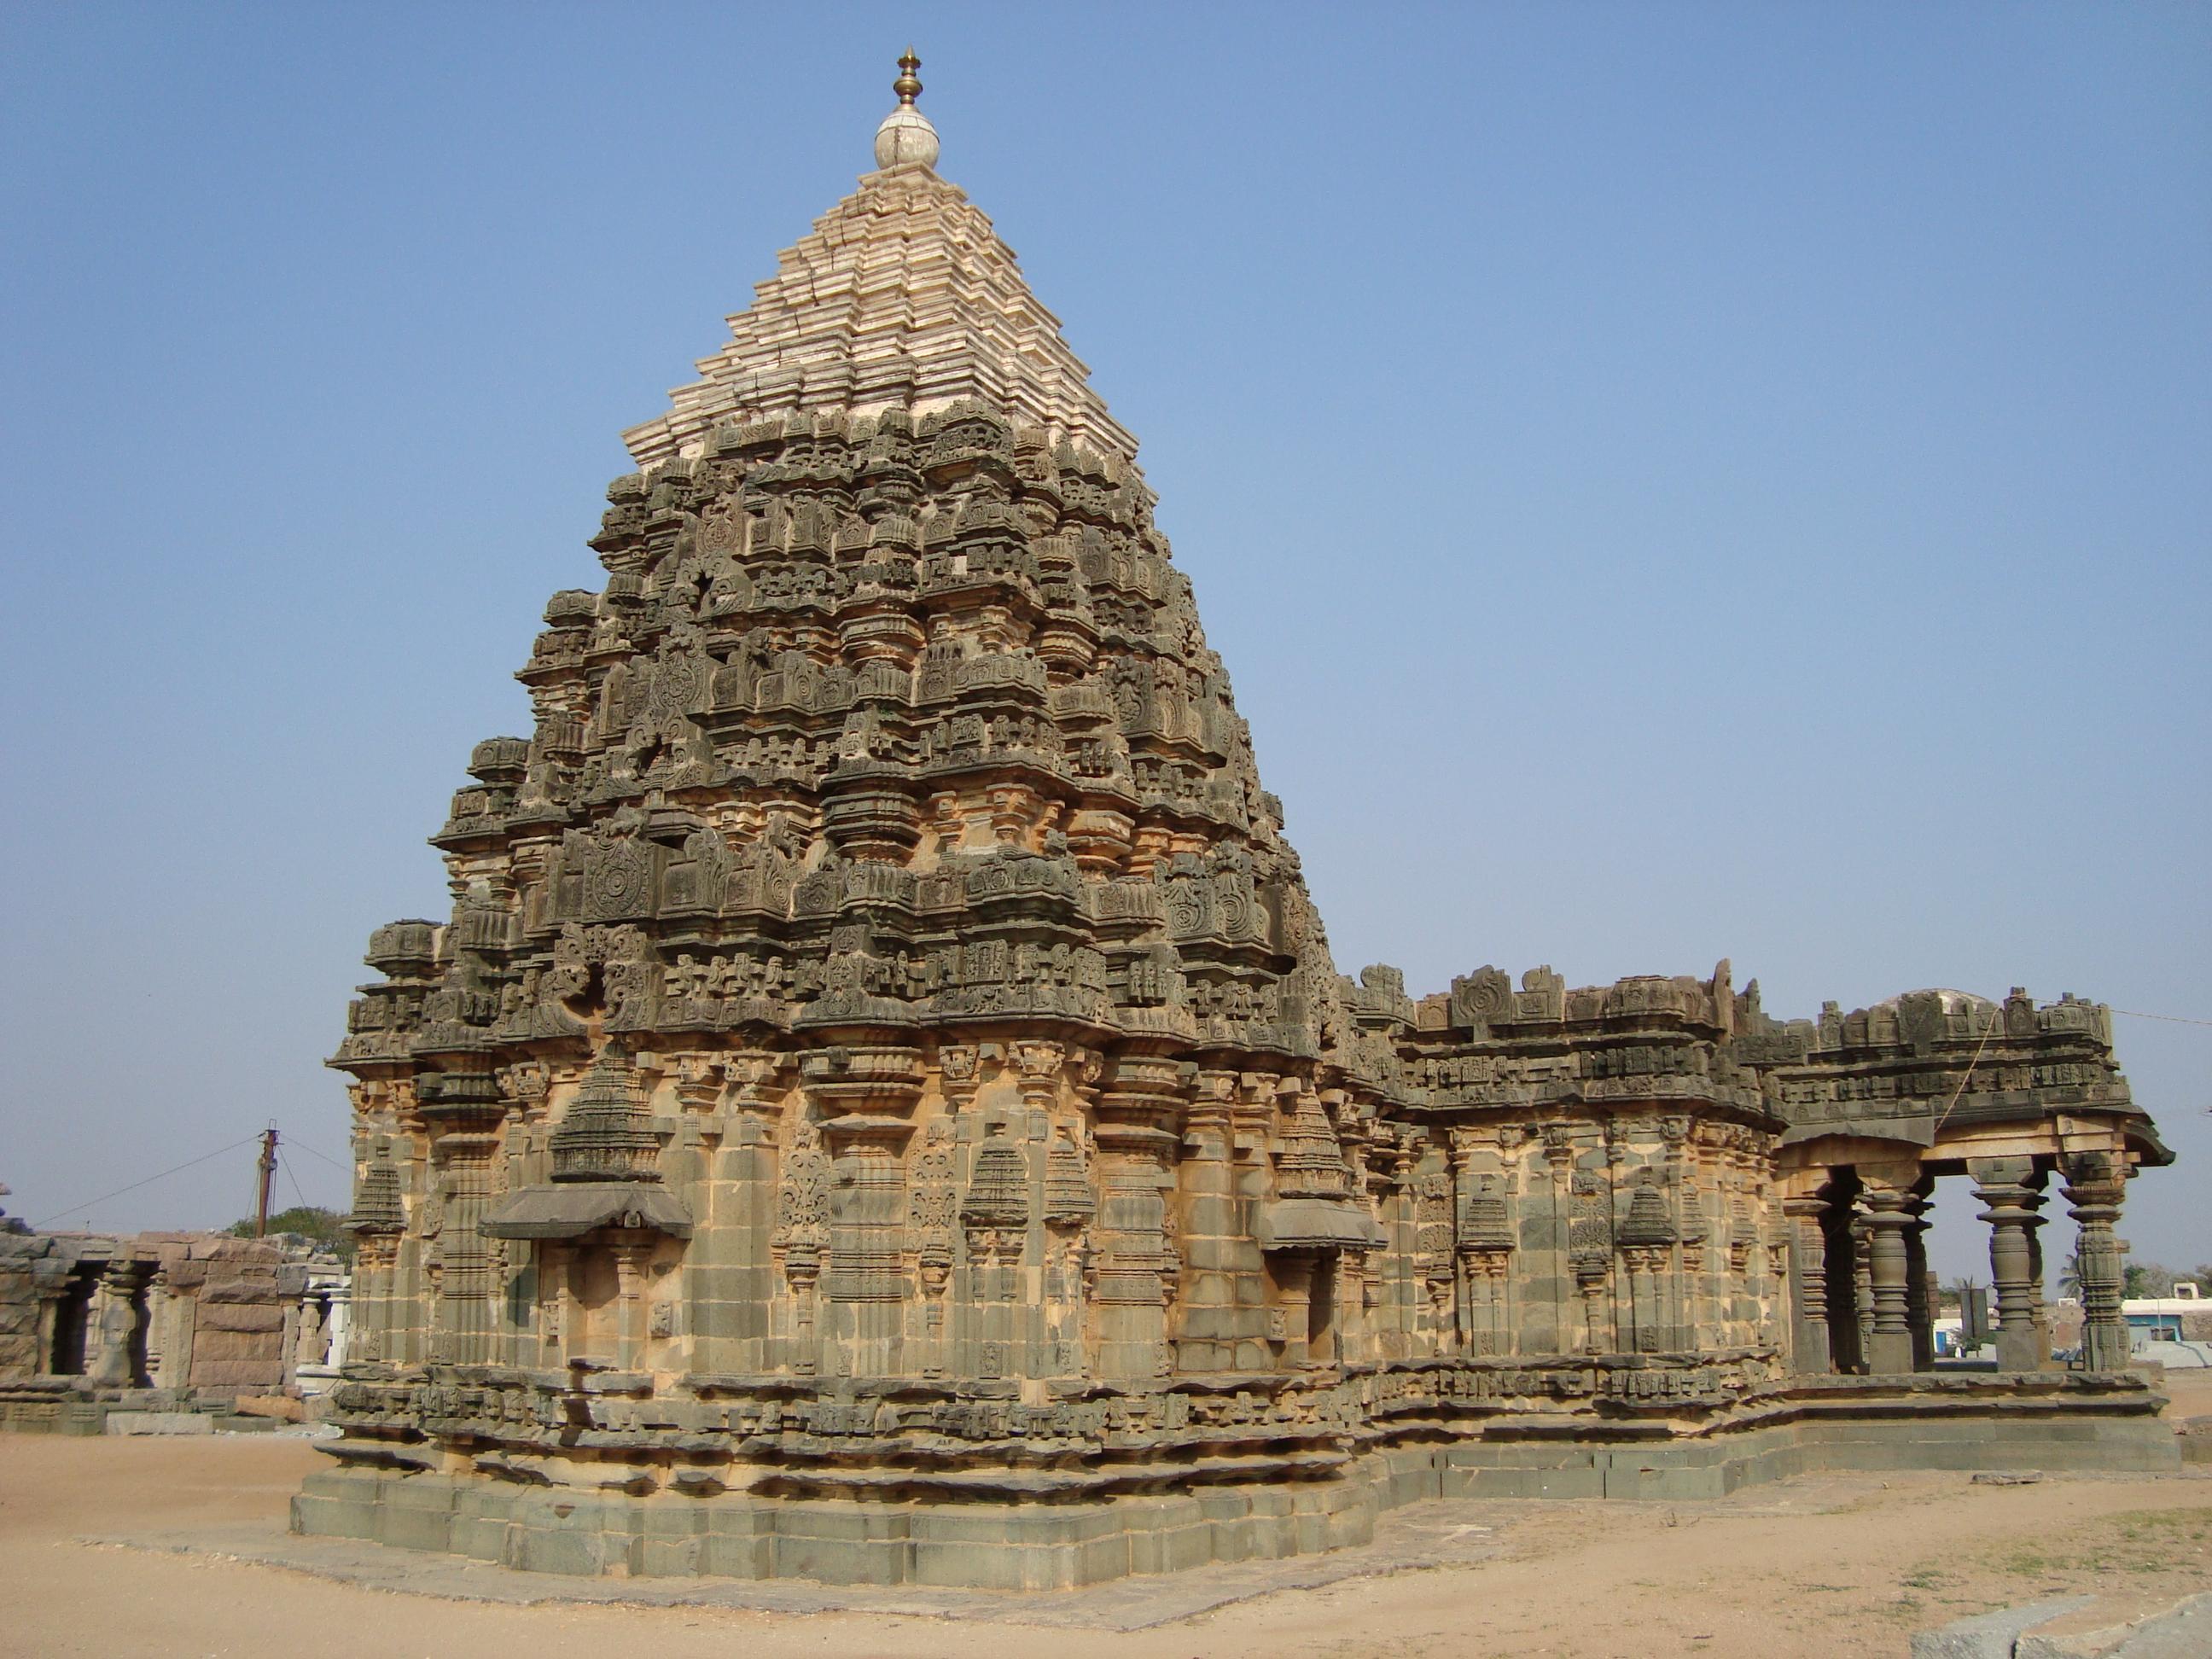 Mahadeva Temple Mahadeva Temple[edit